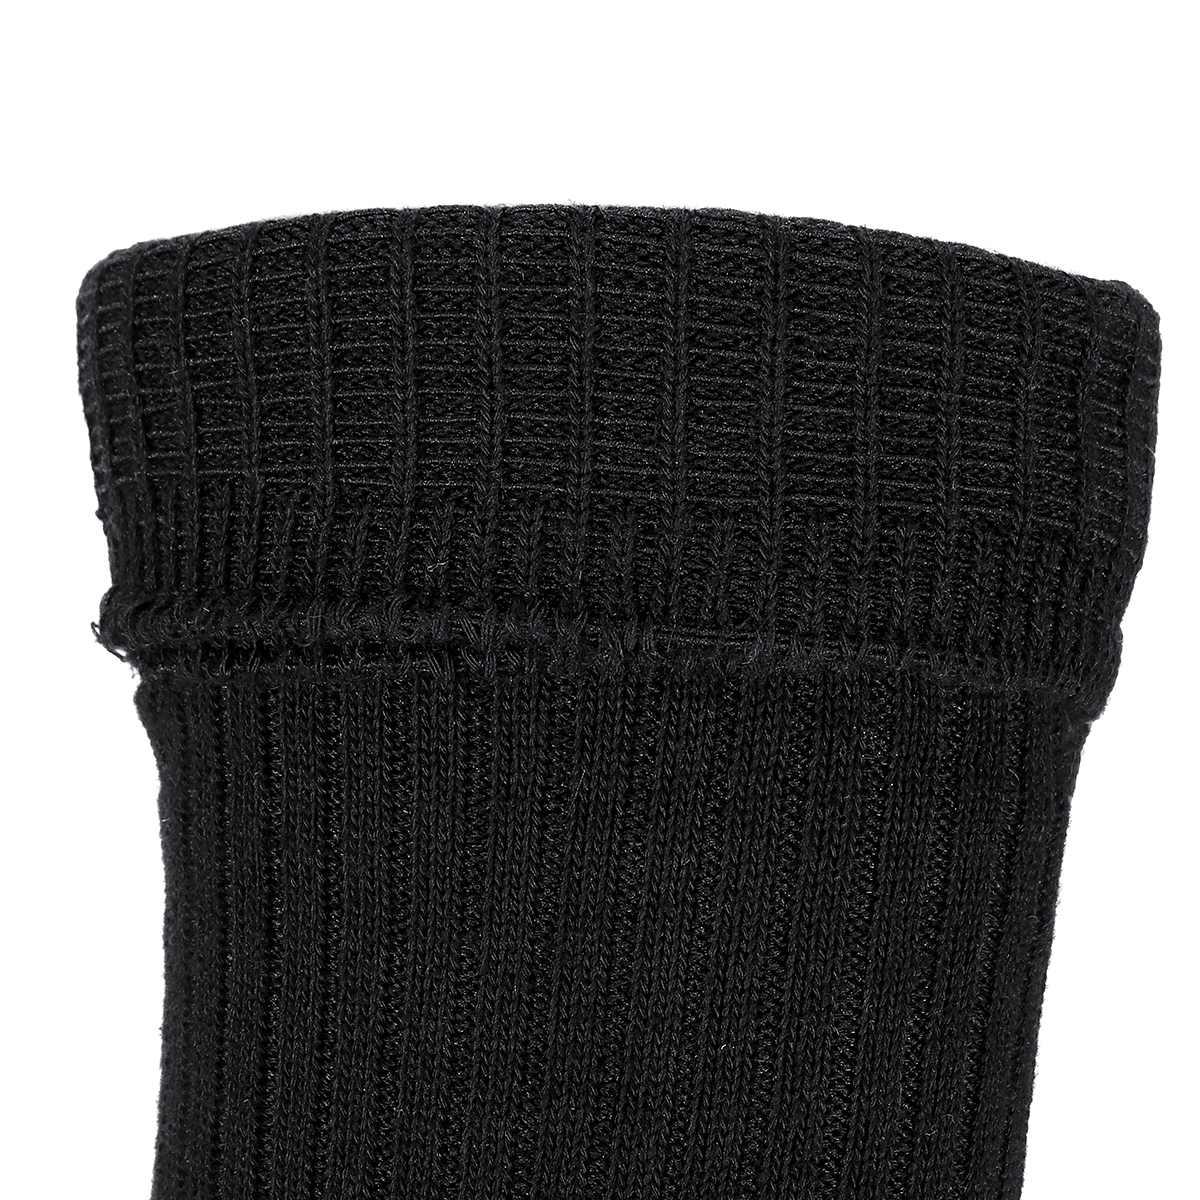 Chaussette chauffante Obviousweb.com offre Black Friday 2020